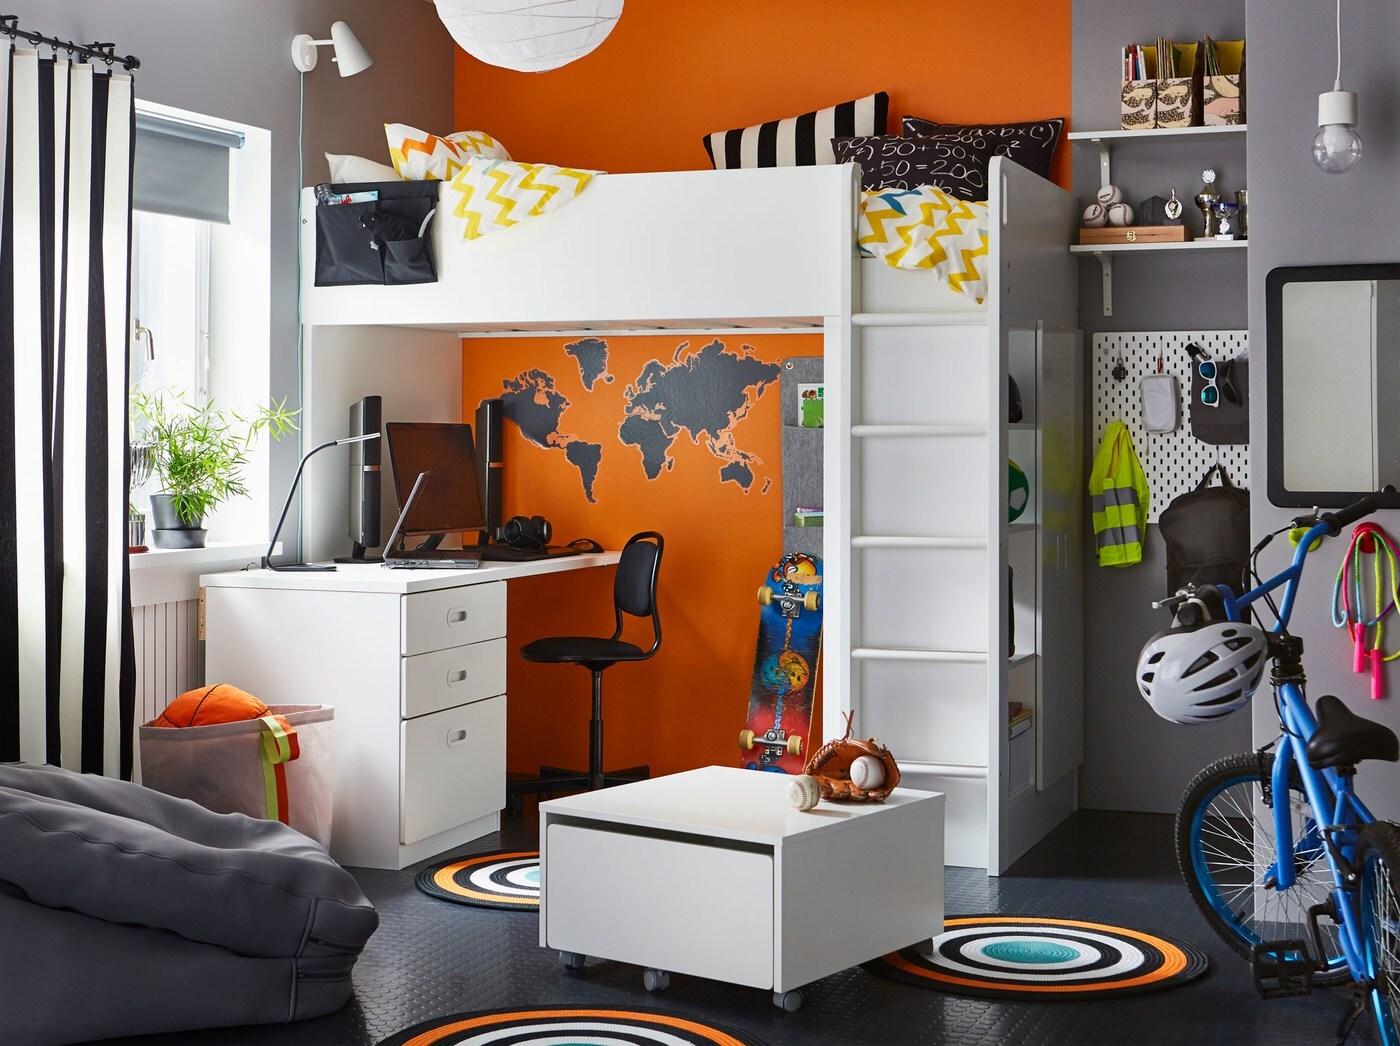 Chambre à Coucher De Pré Ado Noire, Grise, Orange Et Blanche, Avec